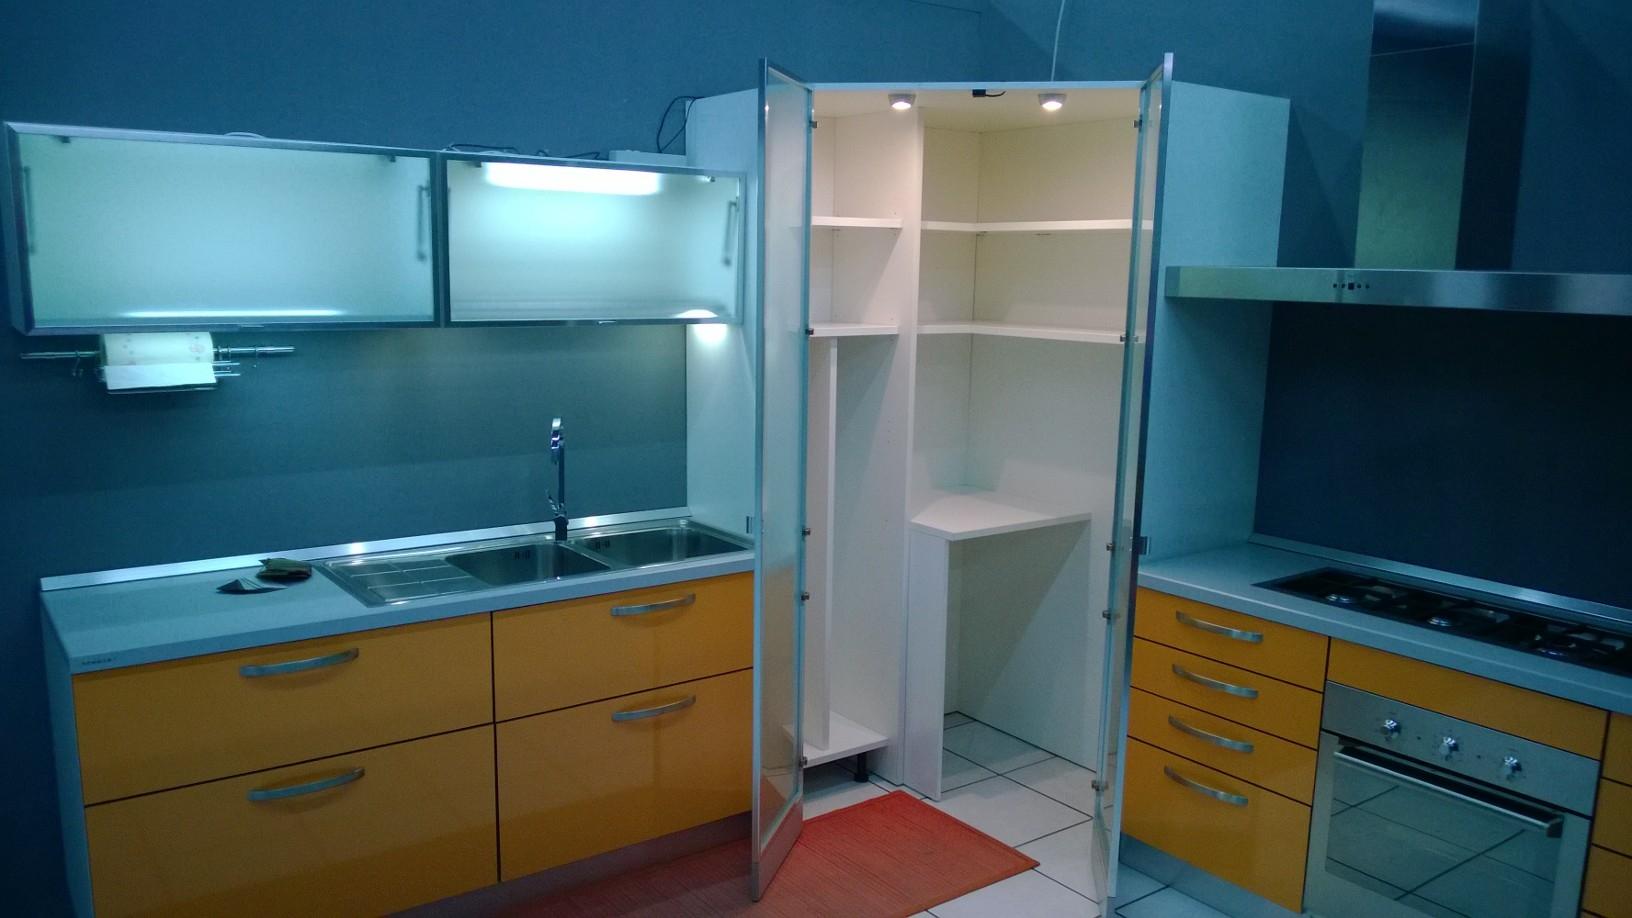 Cucina showroom scontata cucine a prezzi scontati - Montare cucina ikea ...